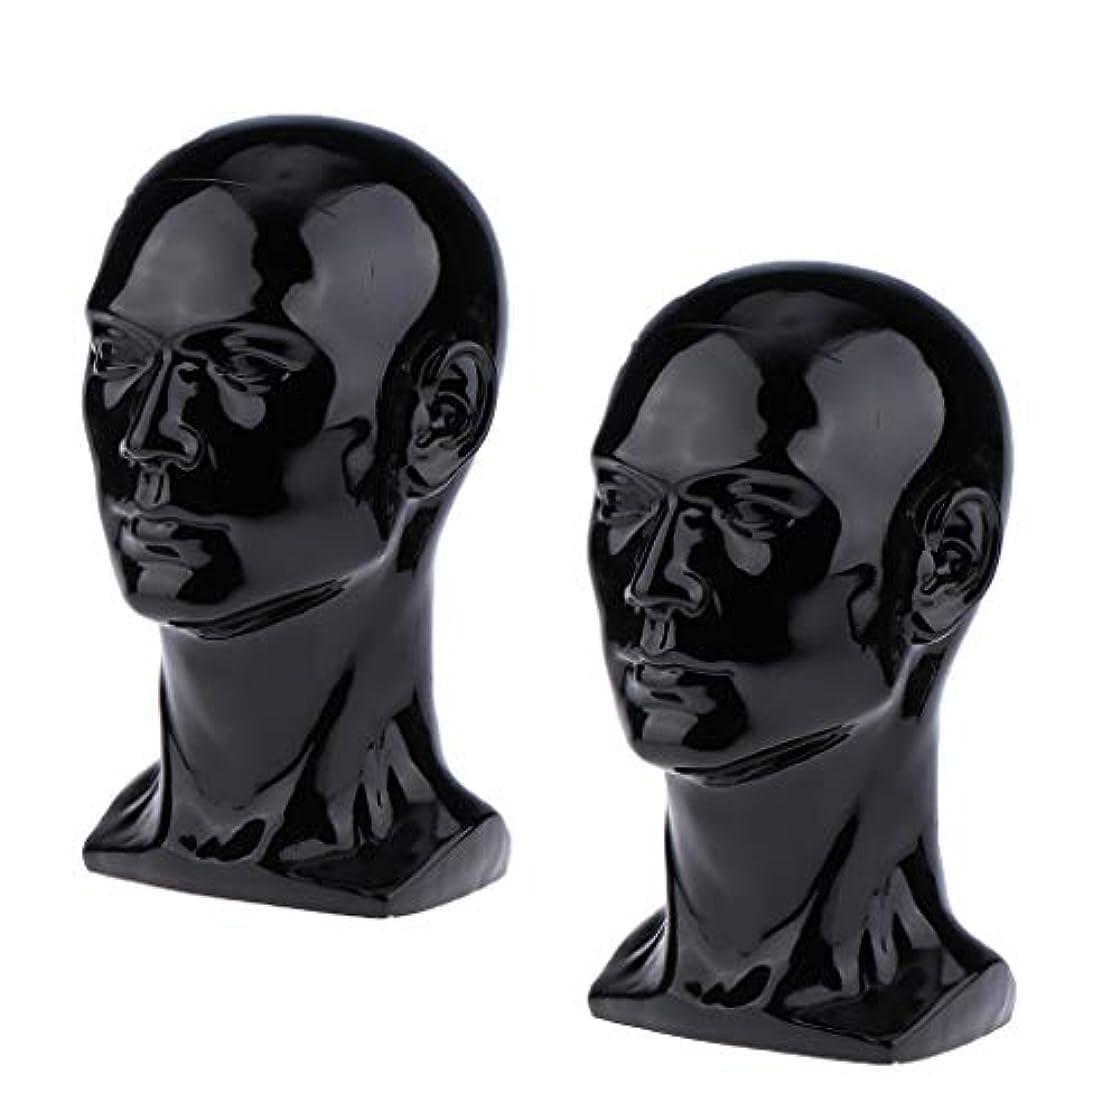 オフセット気づく助けになるToygogo 2×男性マネキンマネキンヘッドメガネキャップかつらジュエリーディスモデル